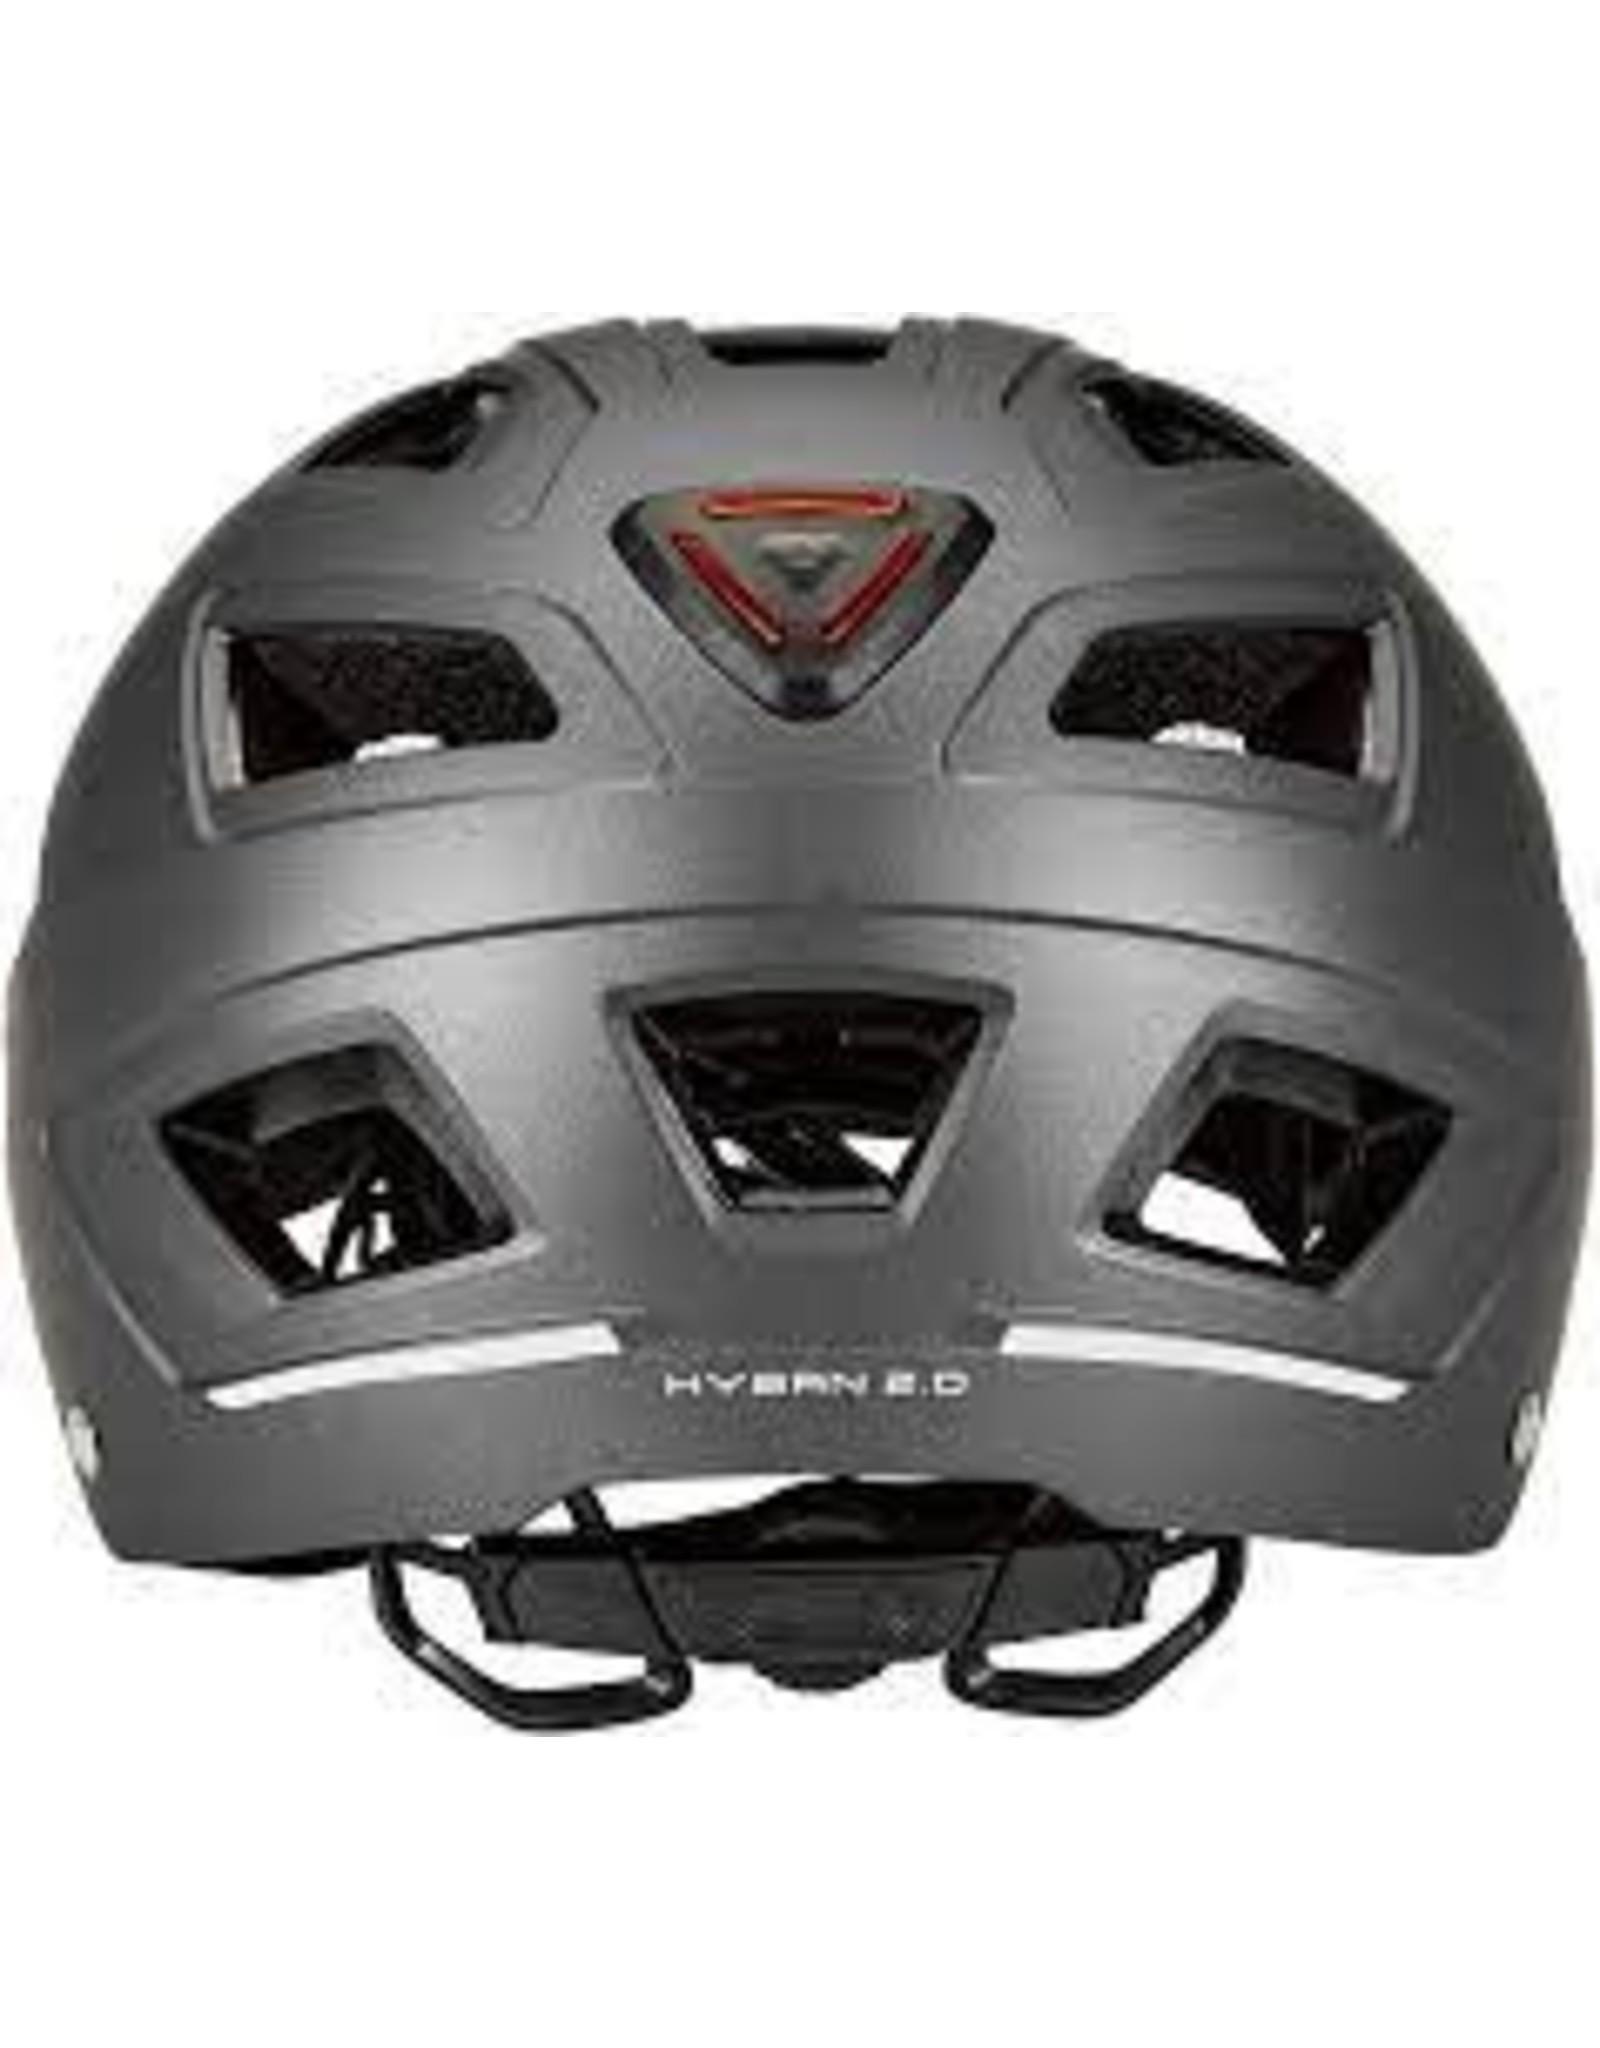 Abus Abus - Hyban 2.0, Helmet, Titan, XL, 58 - 63cm